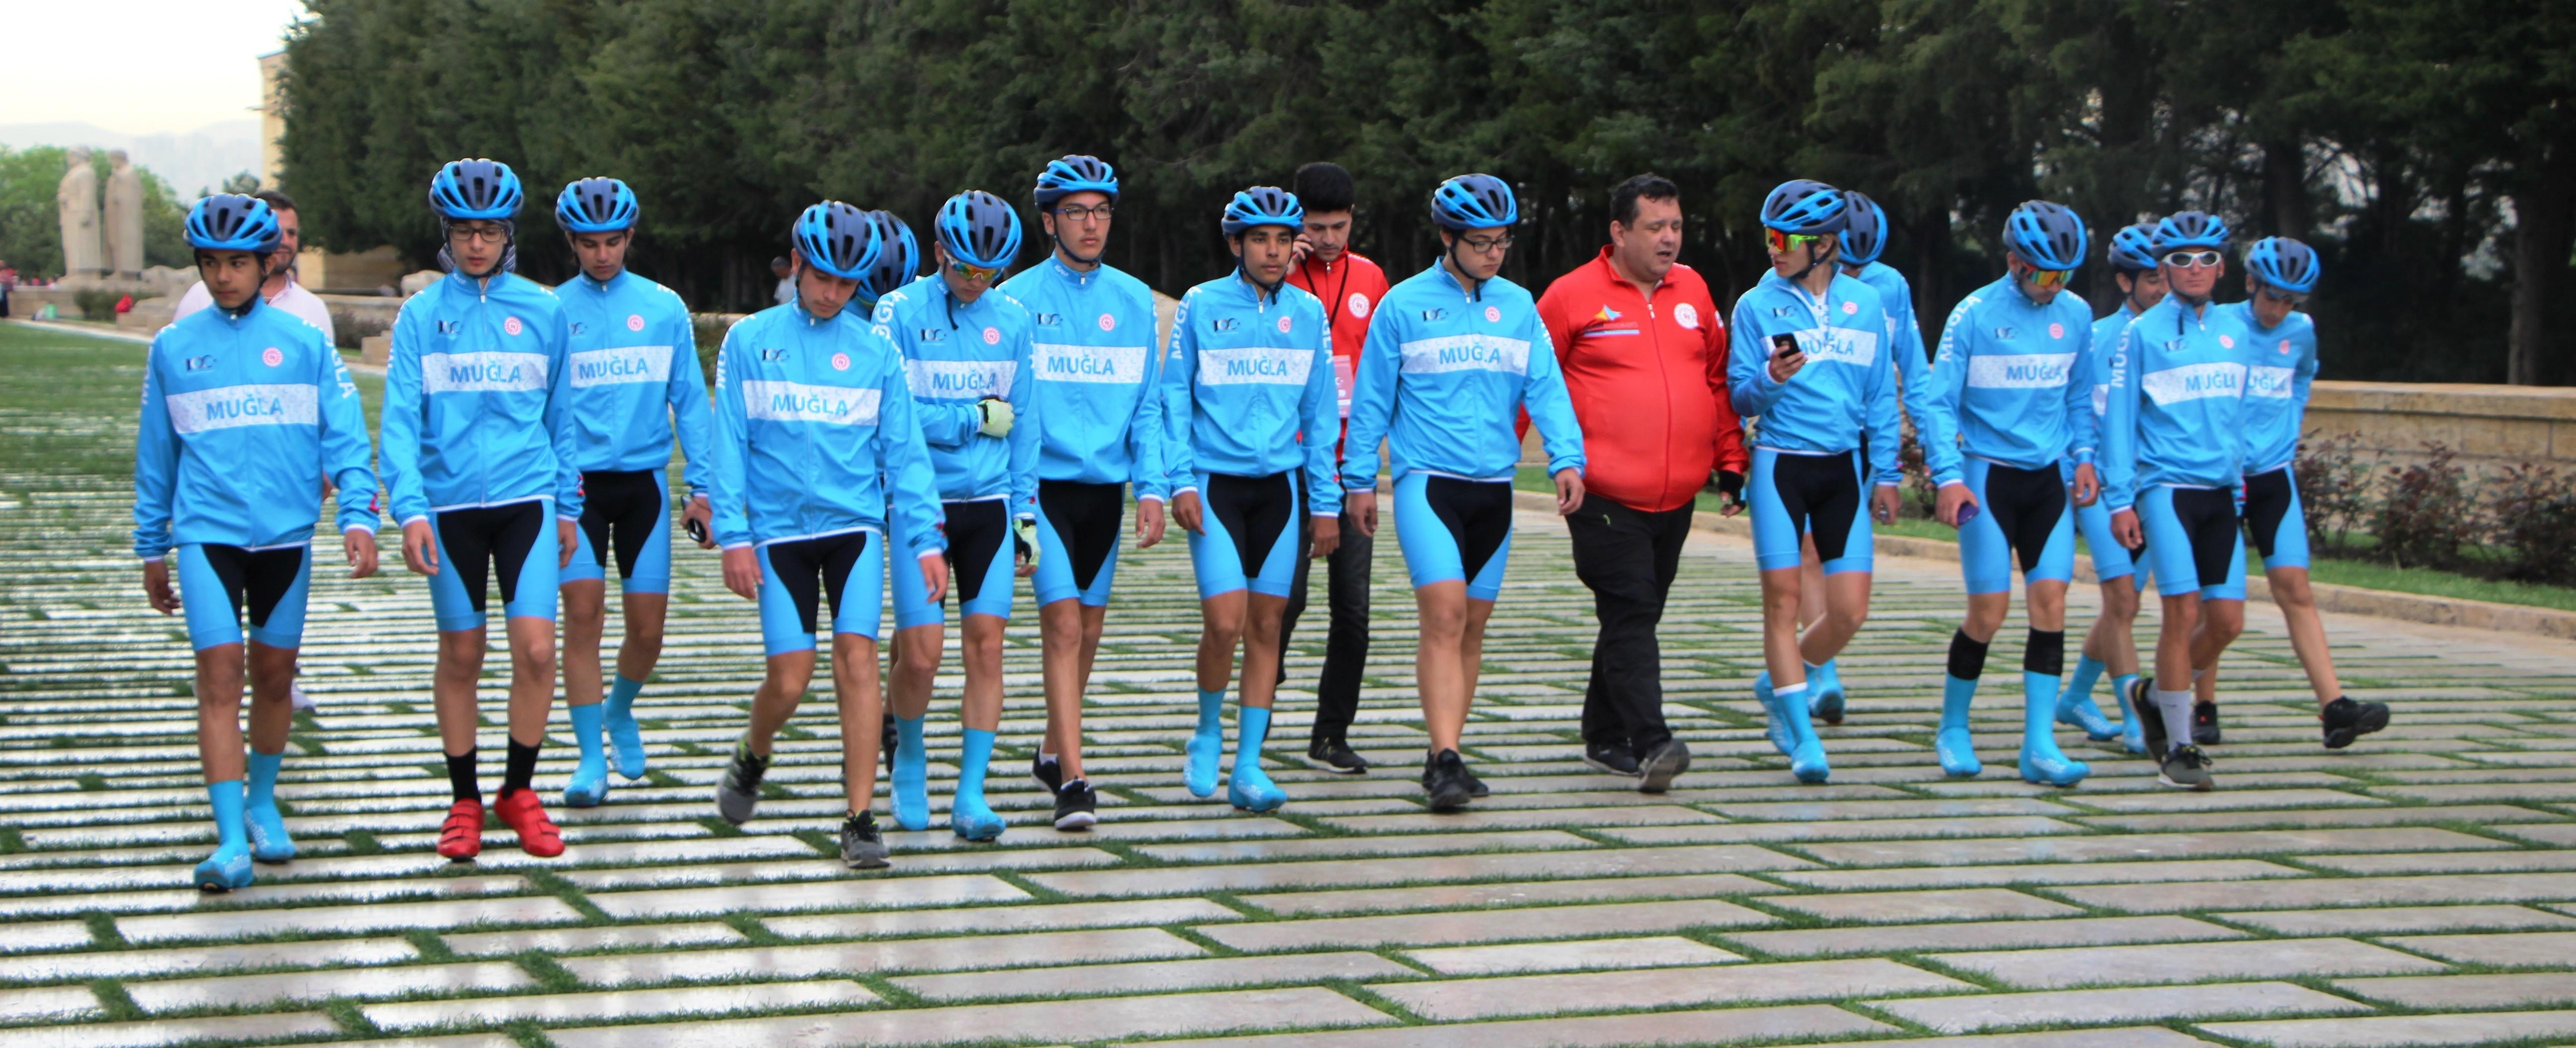 türkiye bisiklet federasyonu MUĞLALI BİSİKLETÇİLER ANITKABİR'İ ZİYARET ETTİLER… mugla bisiklet samsun ankara 5